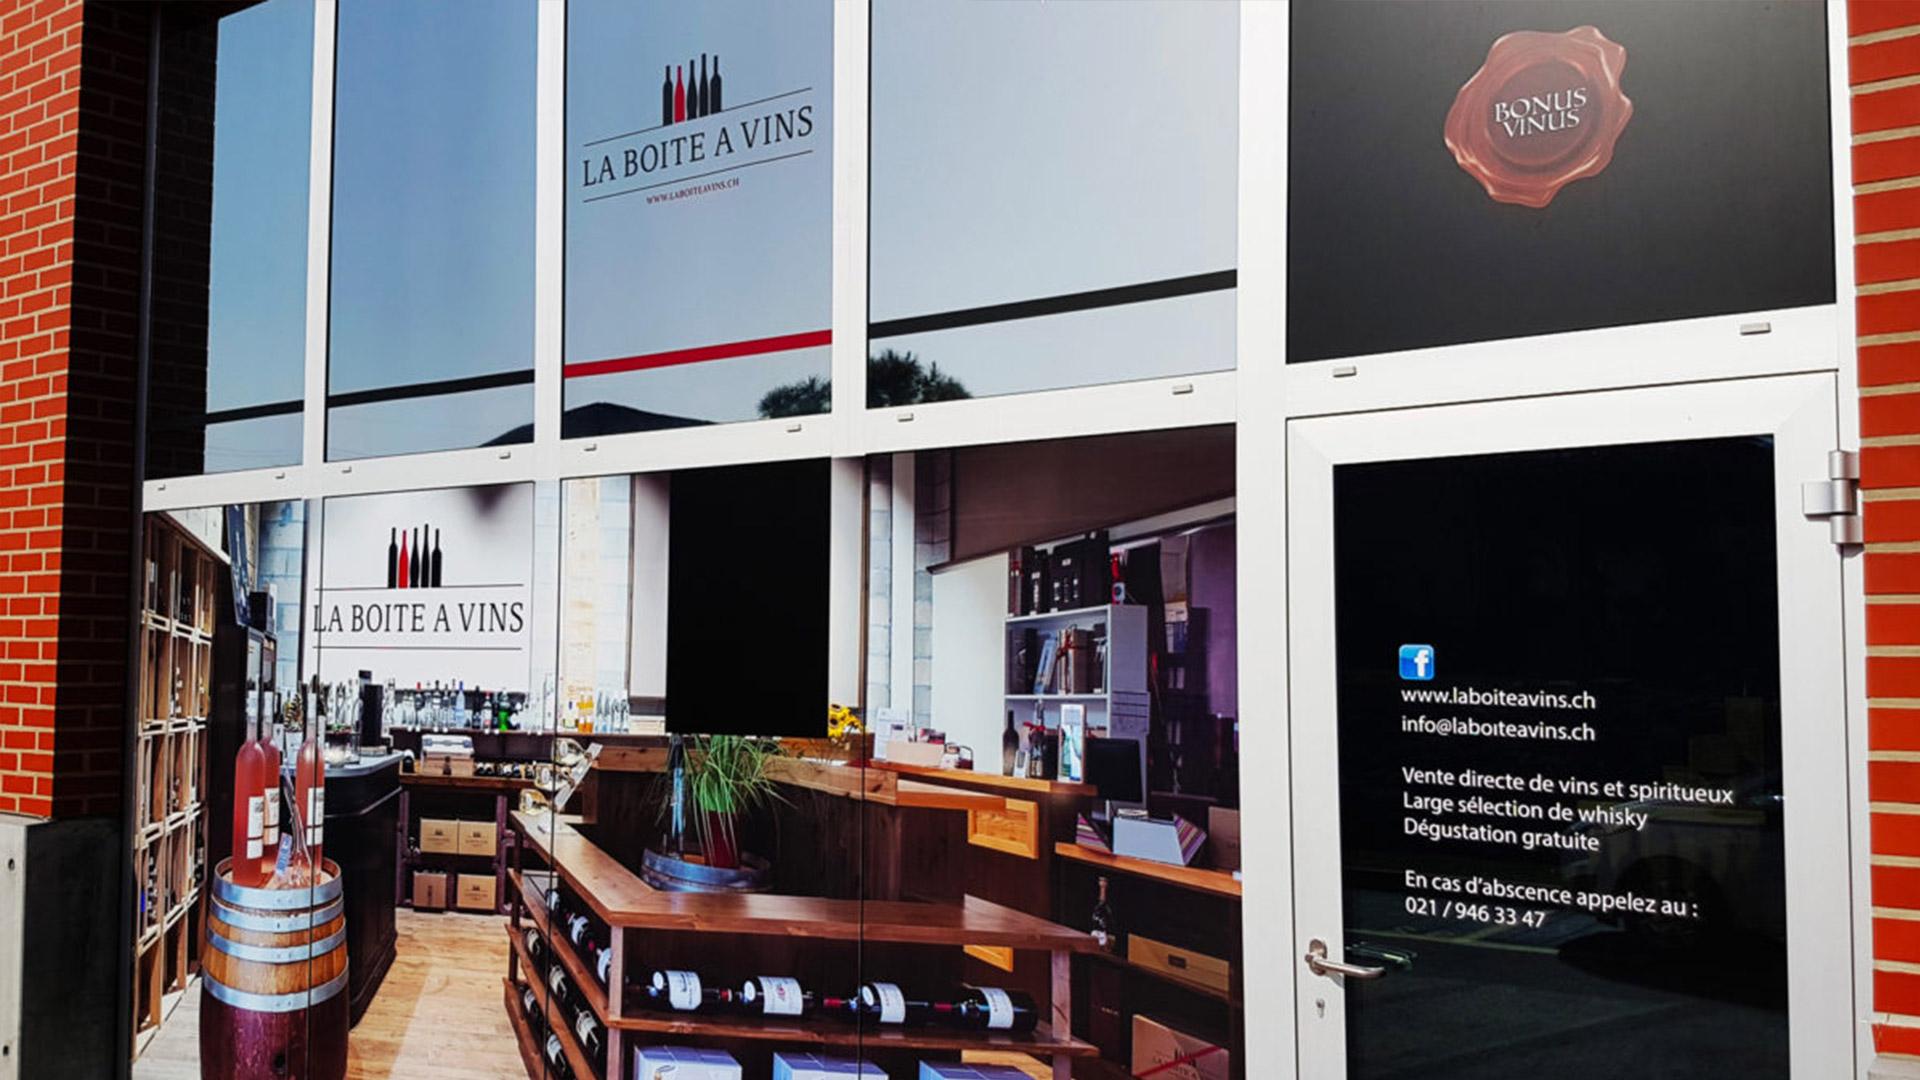 adhésif extérieur enseigne suisse La boîte à vin